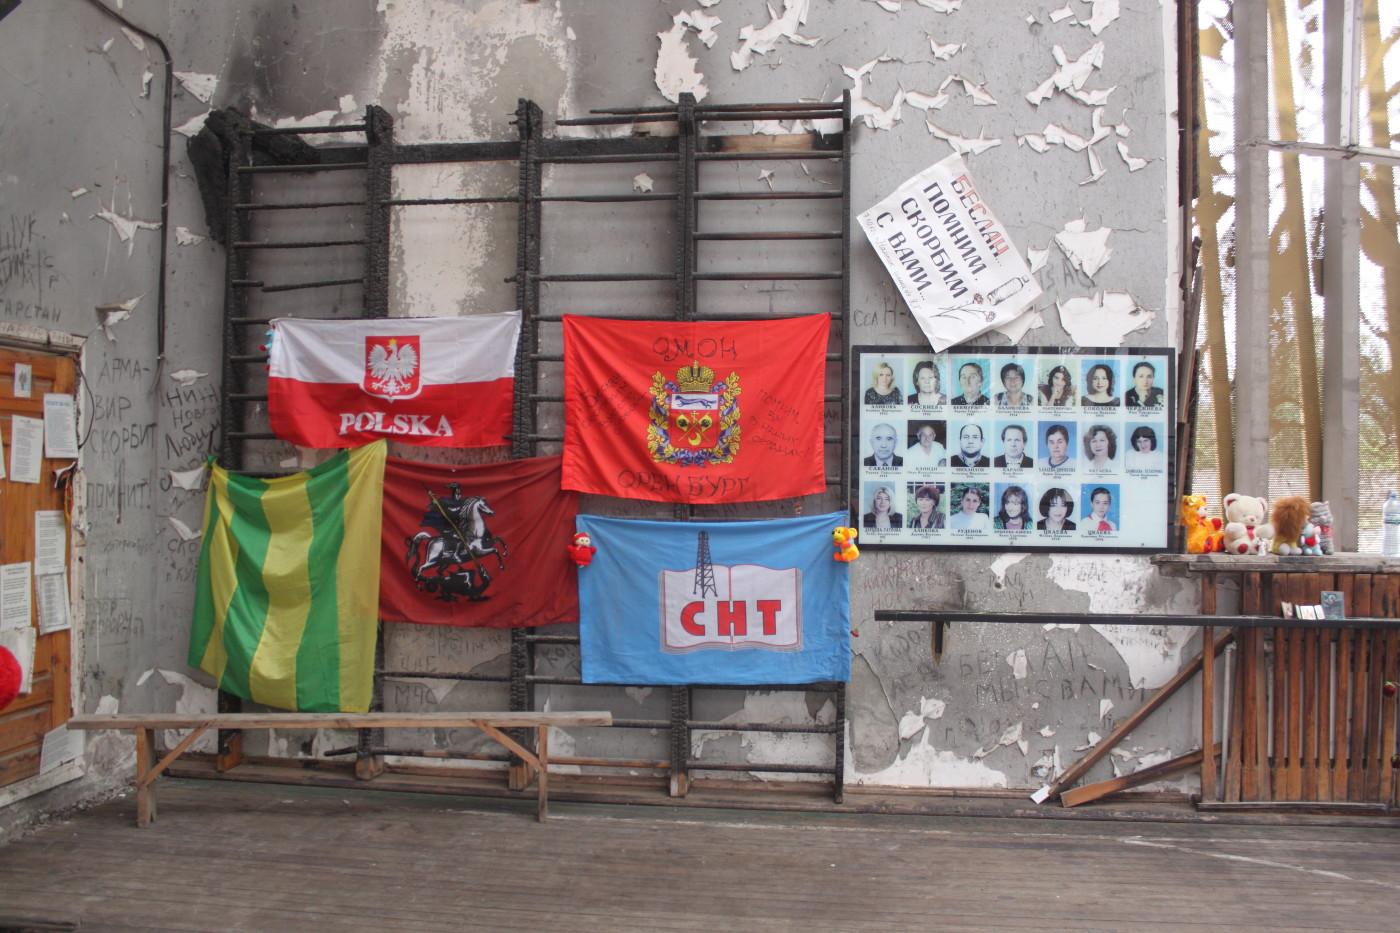 W sali gimnastycznej szkoły w Biesłanie, w której zginęło najwięcej zakładników wszystko pozostało jak tuż po szturmie